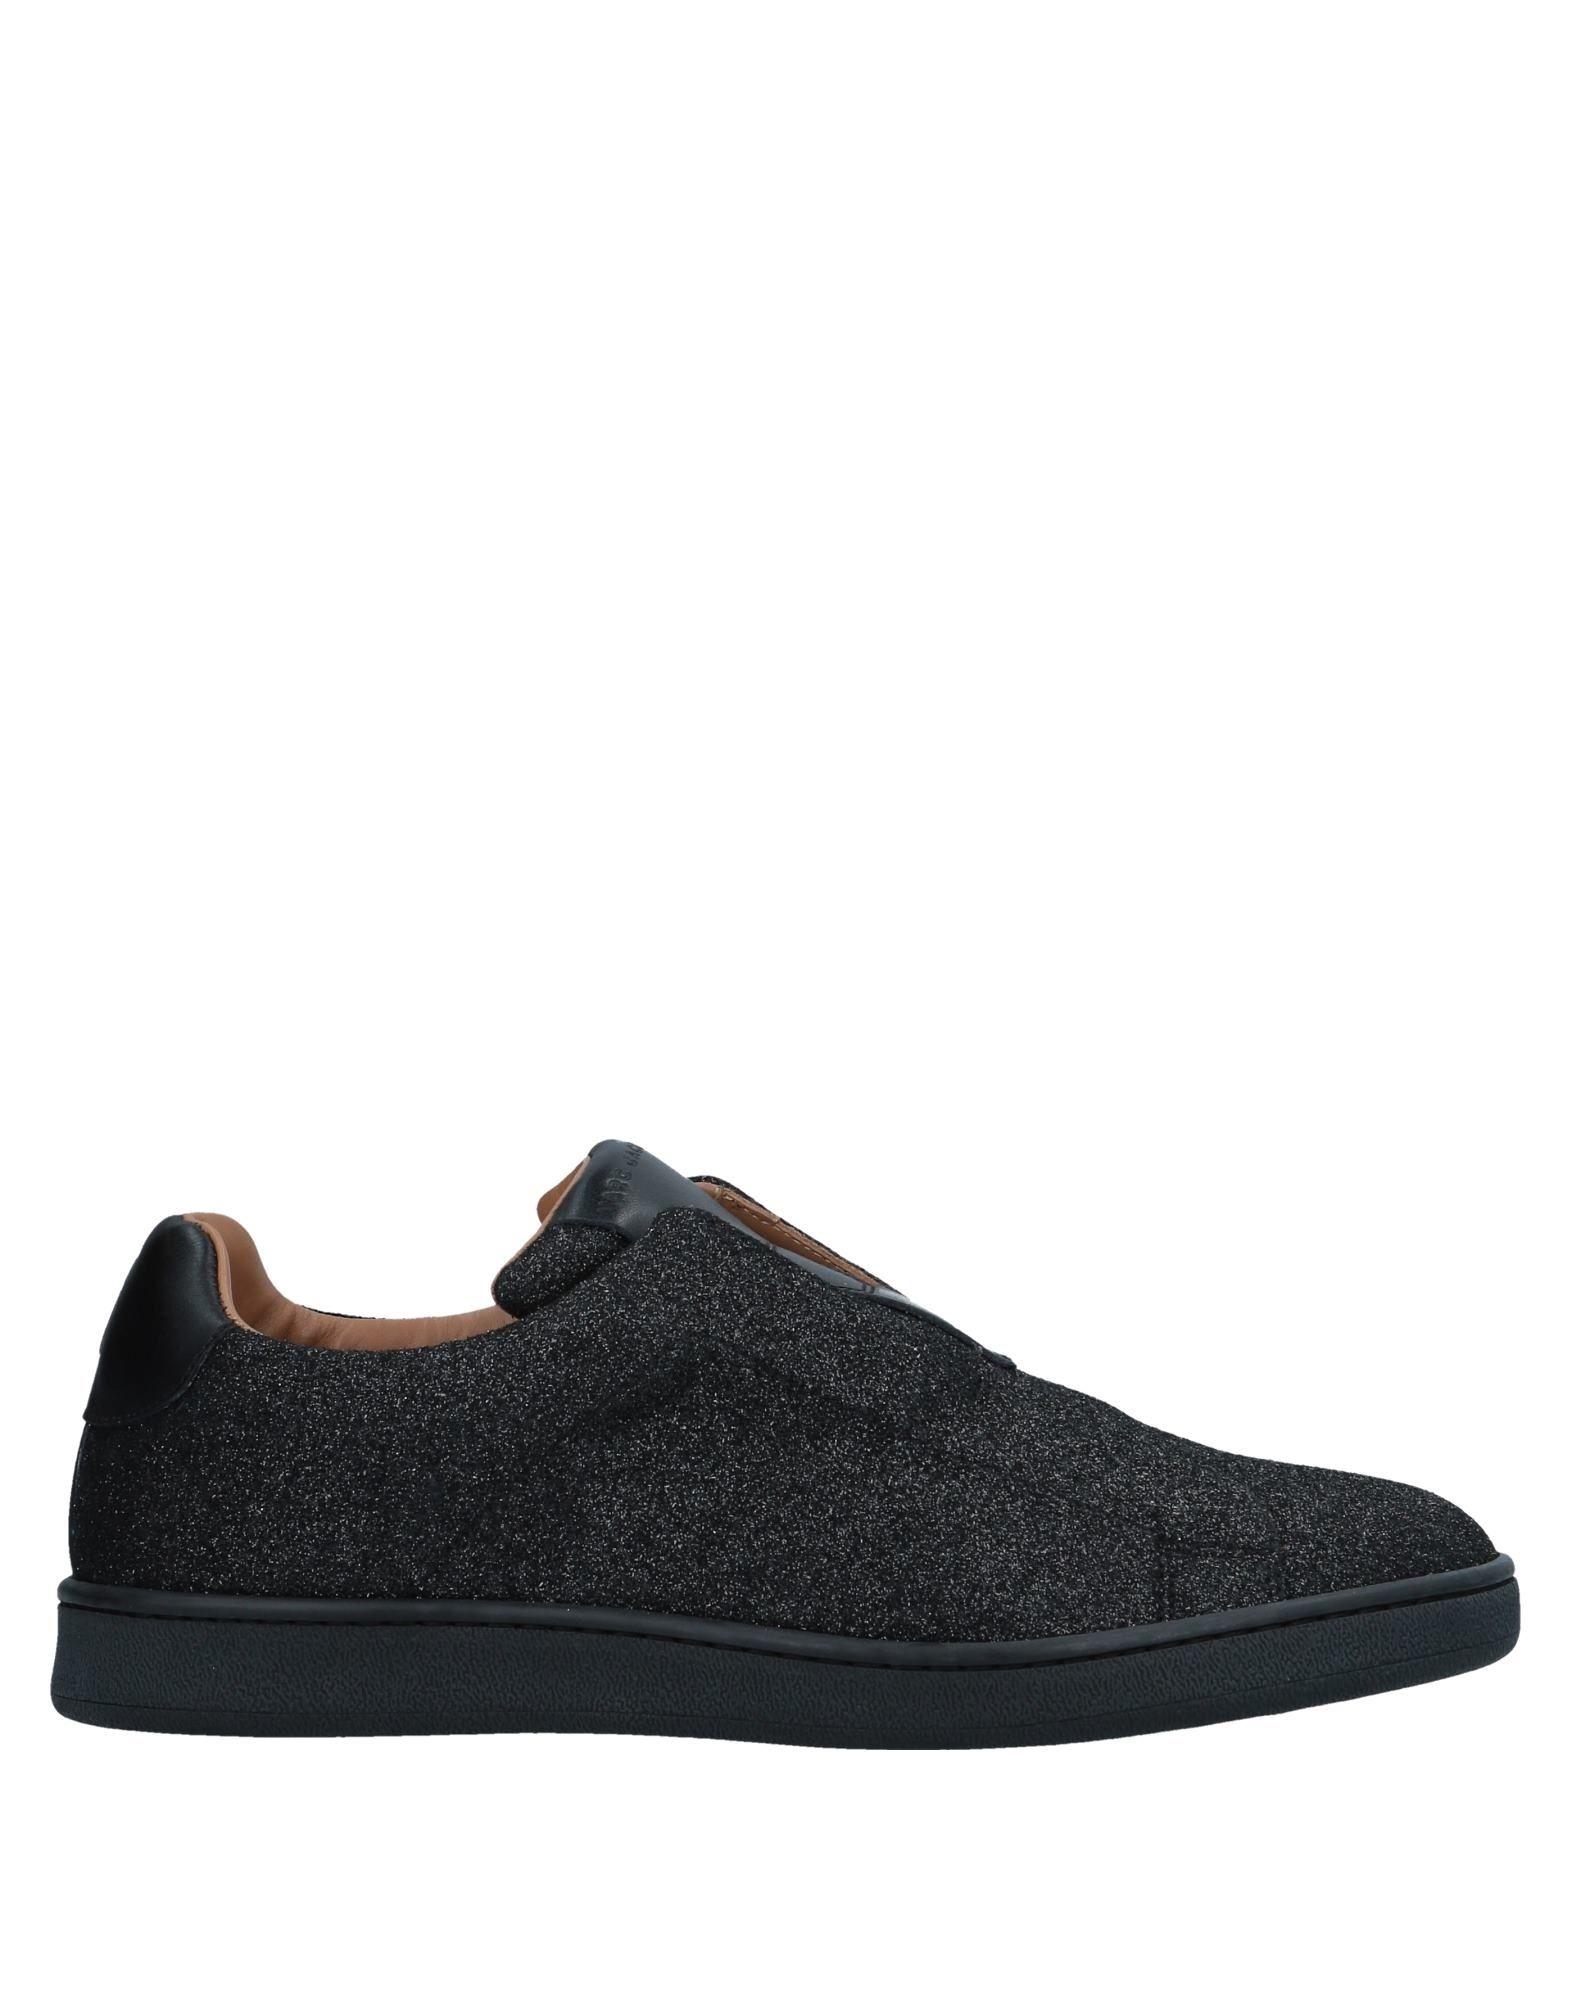 Nuevos zapatos para hombres y y hombres mujeres, descuento por tiempo limitado  Zapatillas Marc Jacobs Hombre - Zapatillas Marc Jacobs 8cb30d